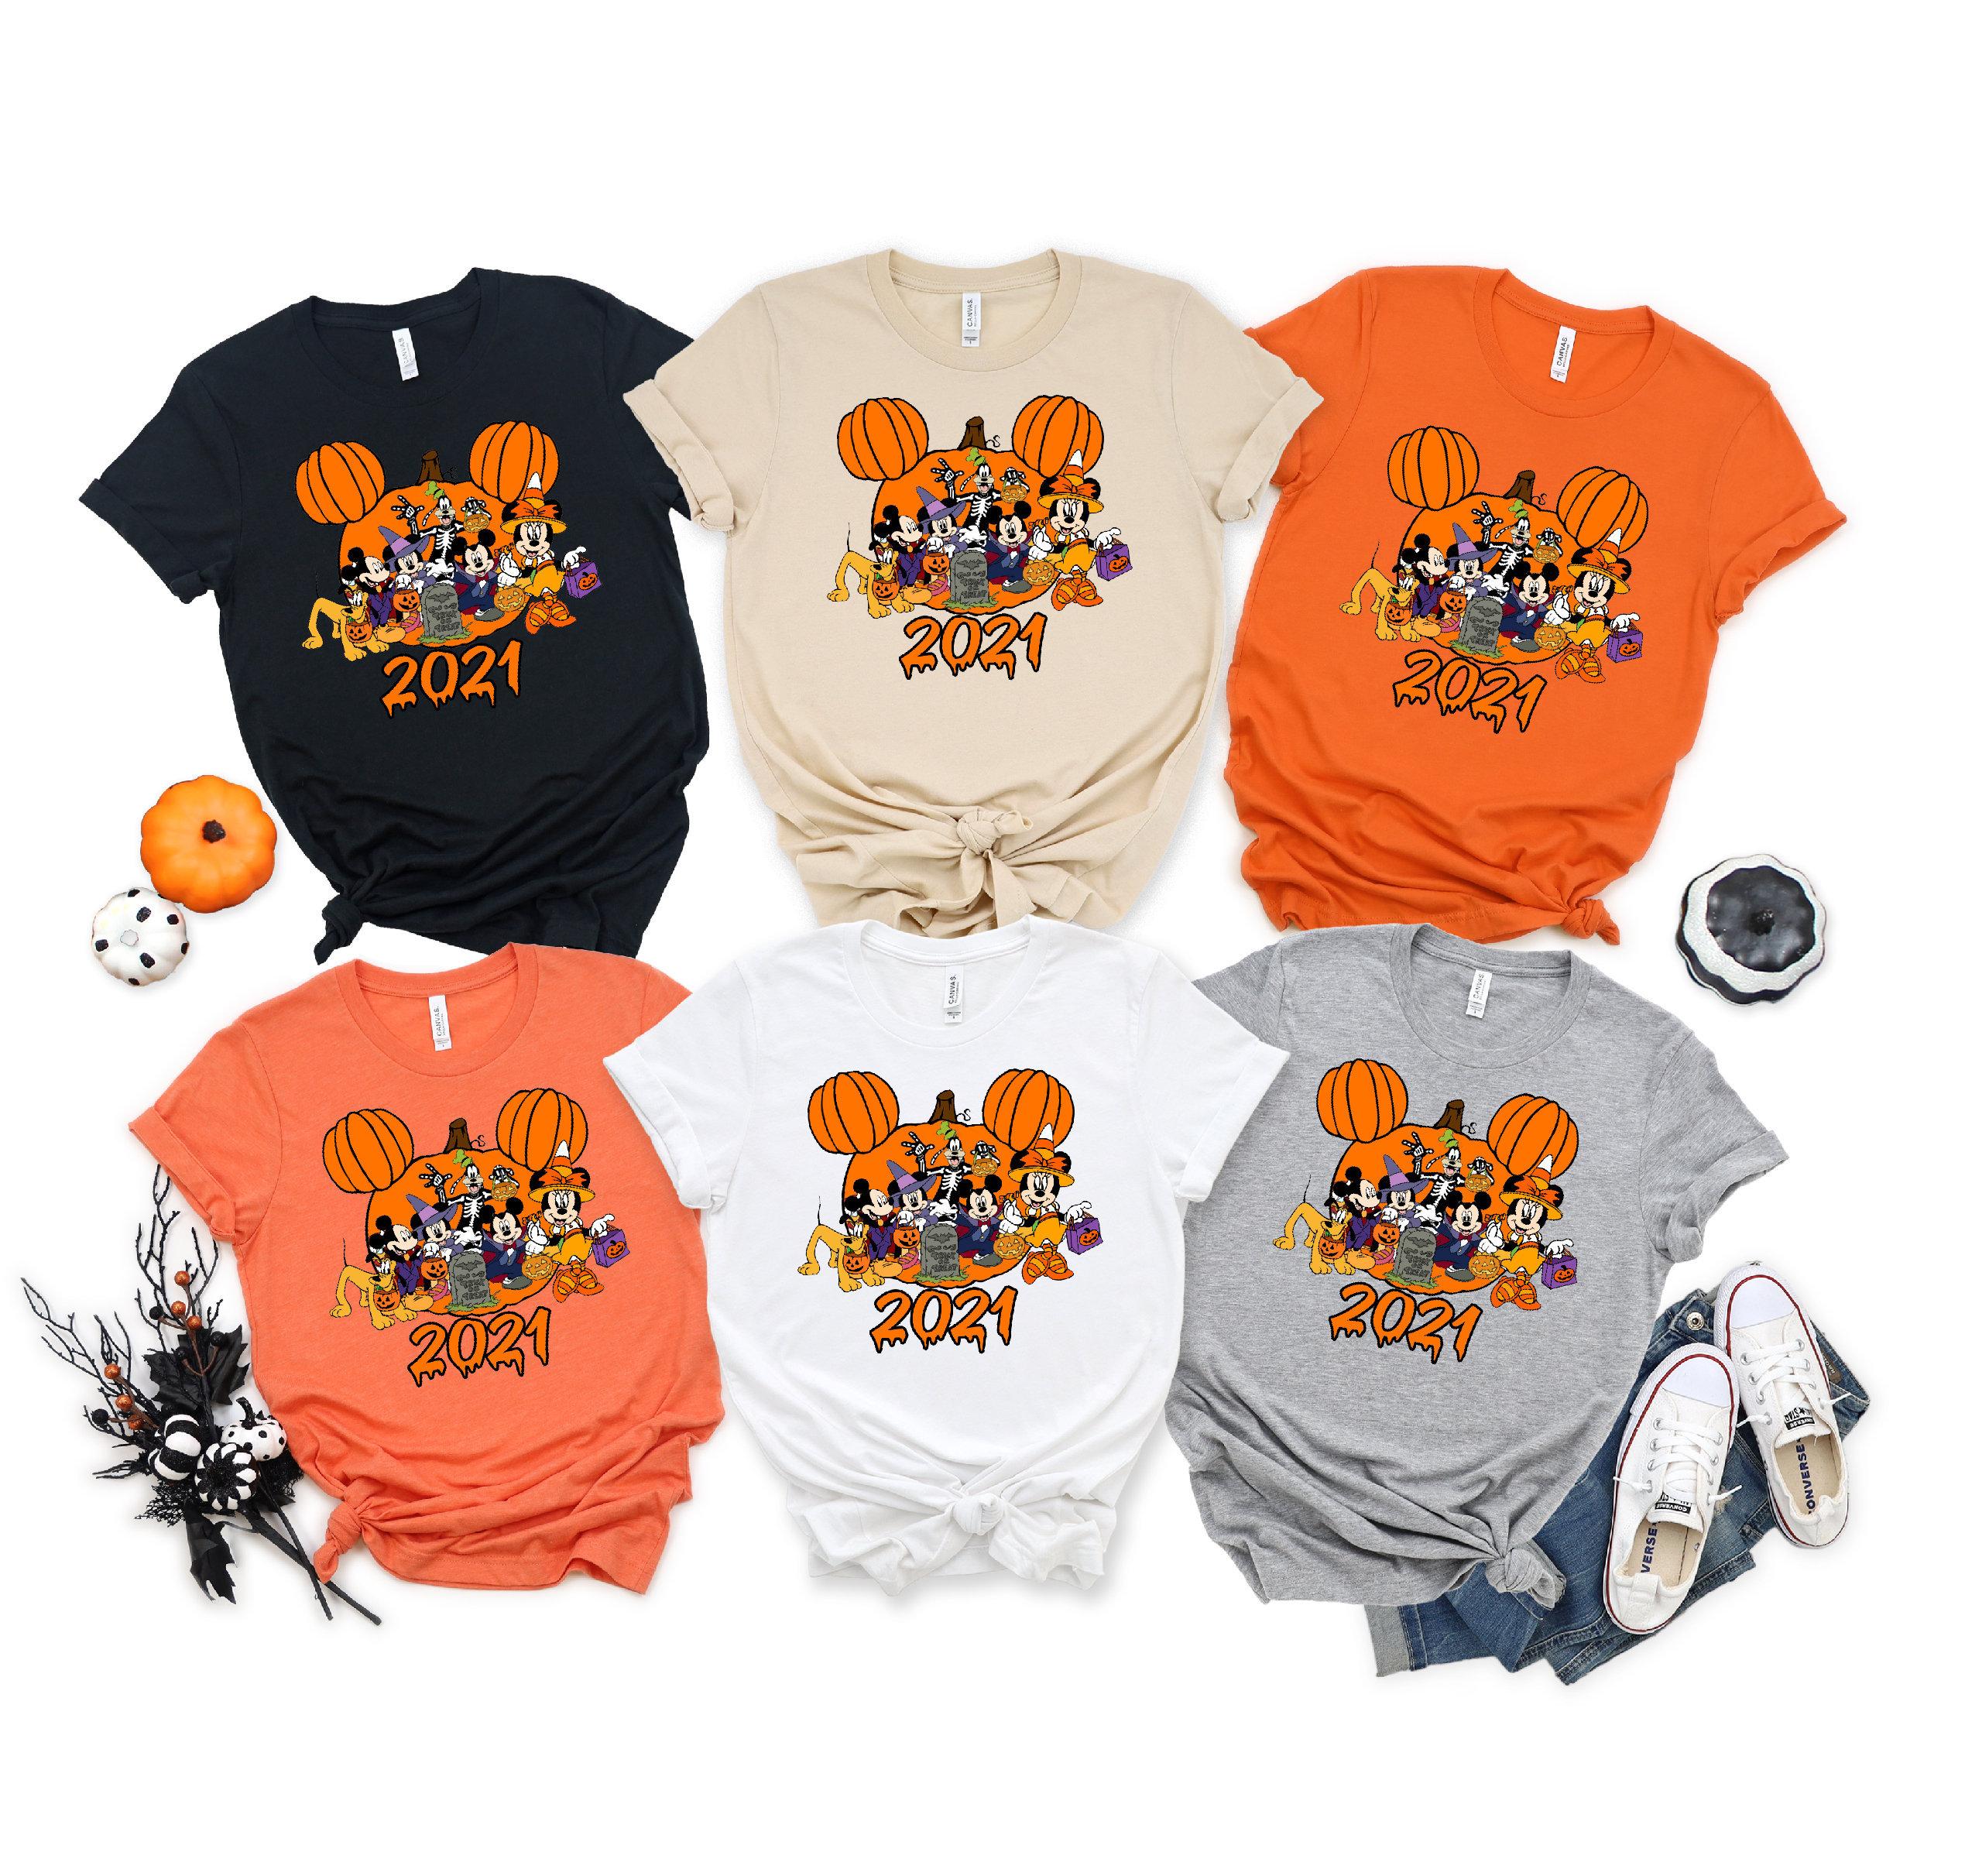 Disney Halloween Shirt, Halloween Matching Shirts, Halloween Shirt, Halloween Mickey Minnie Shirt, Halloween Couple Shirt,Gift For Halloween